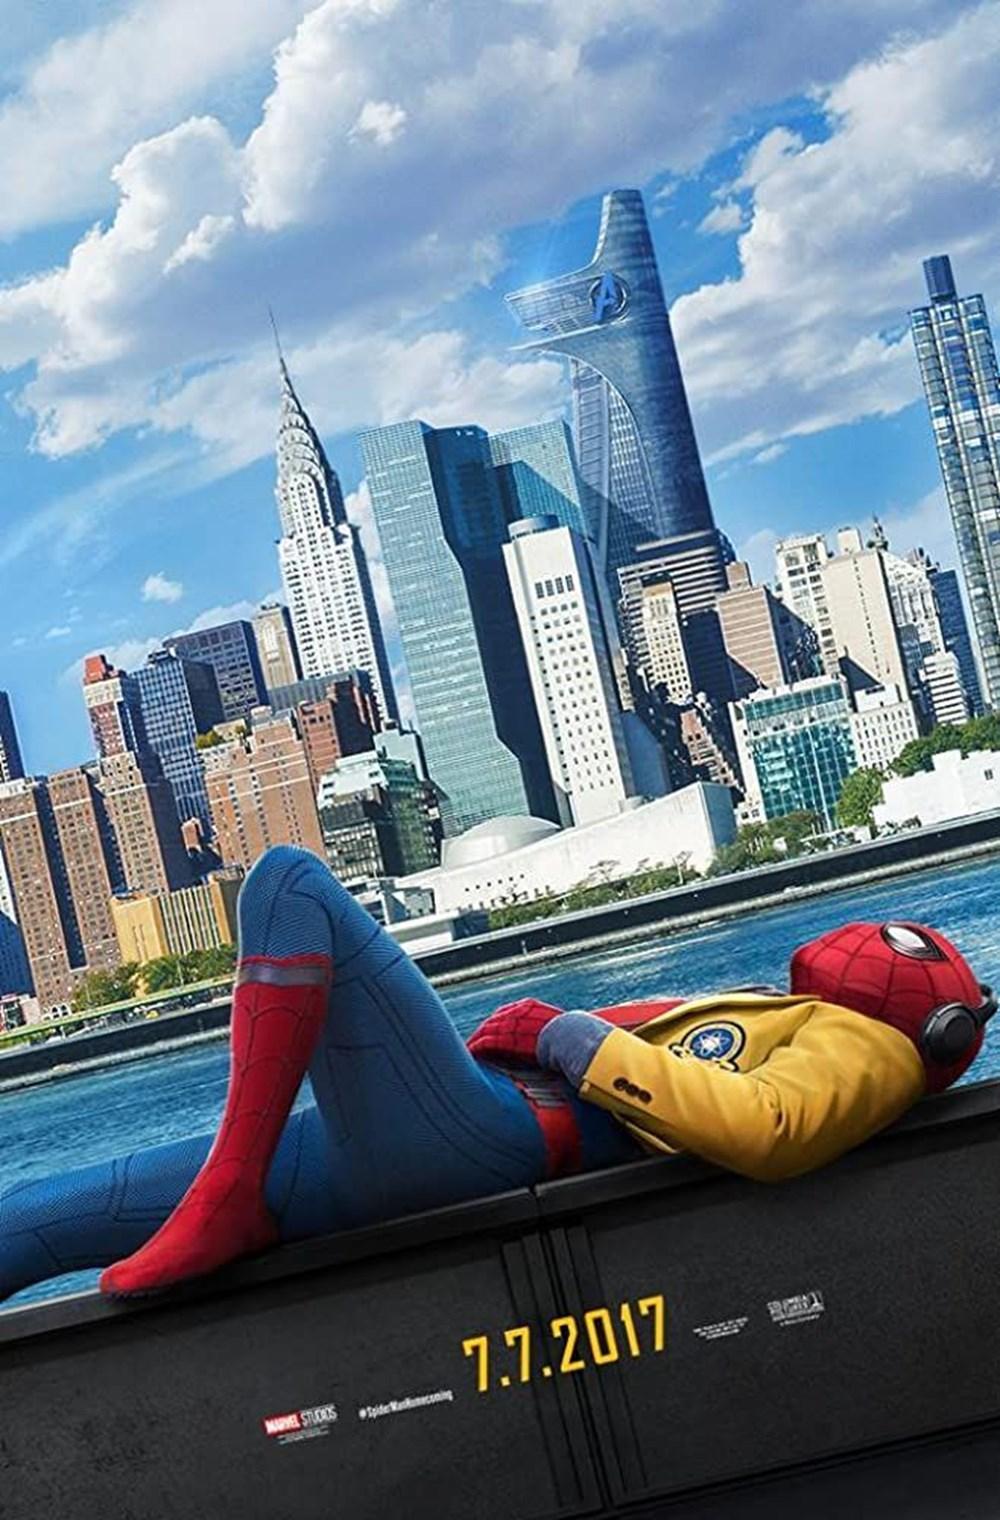 En iyi Marvel filmleri - 50